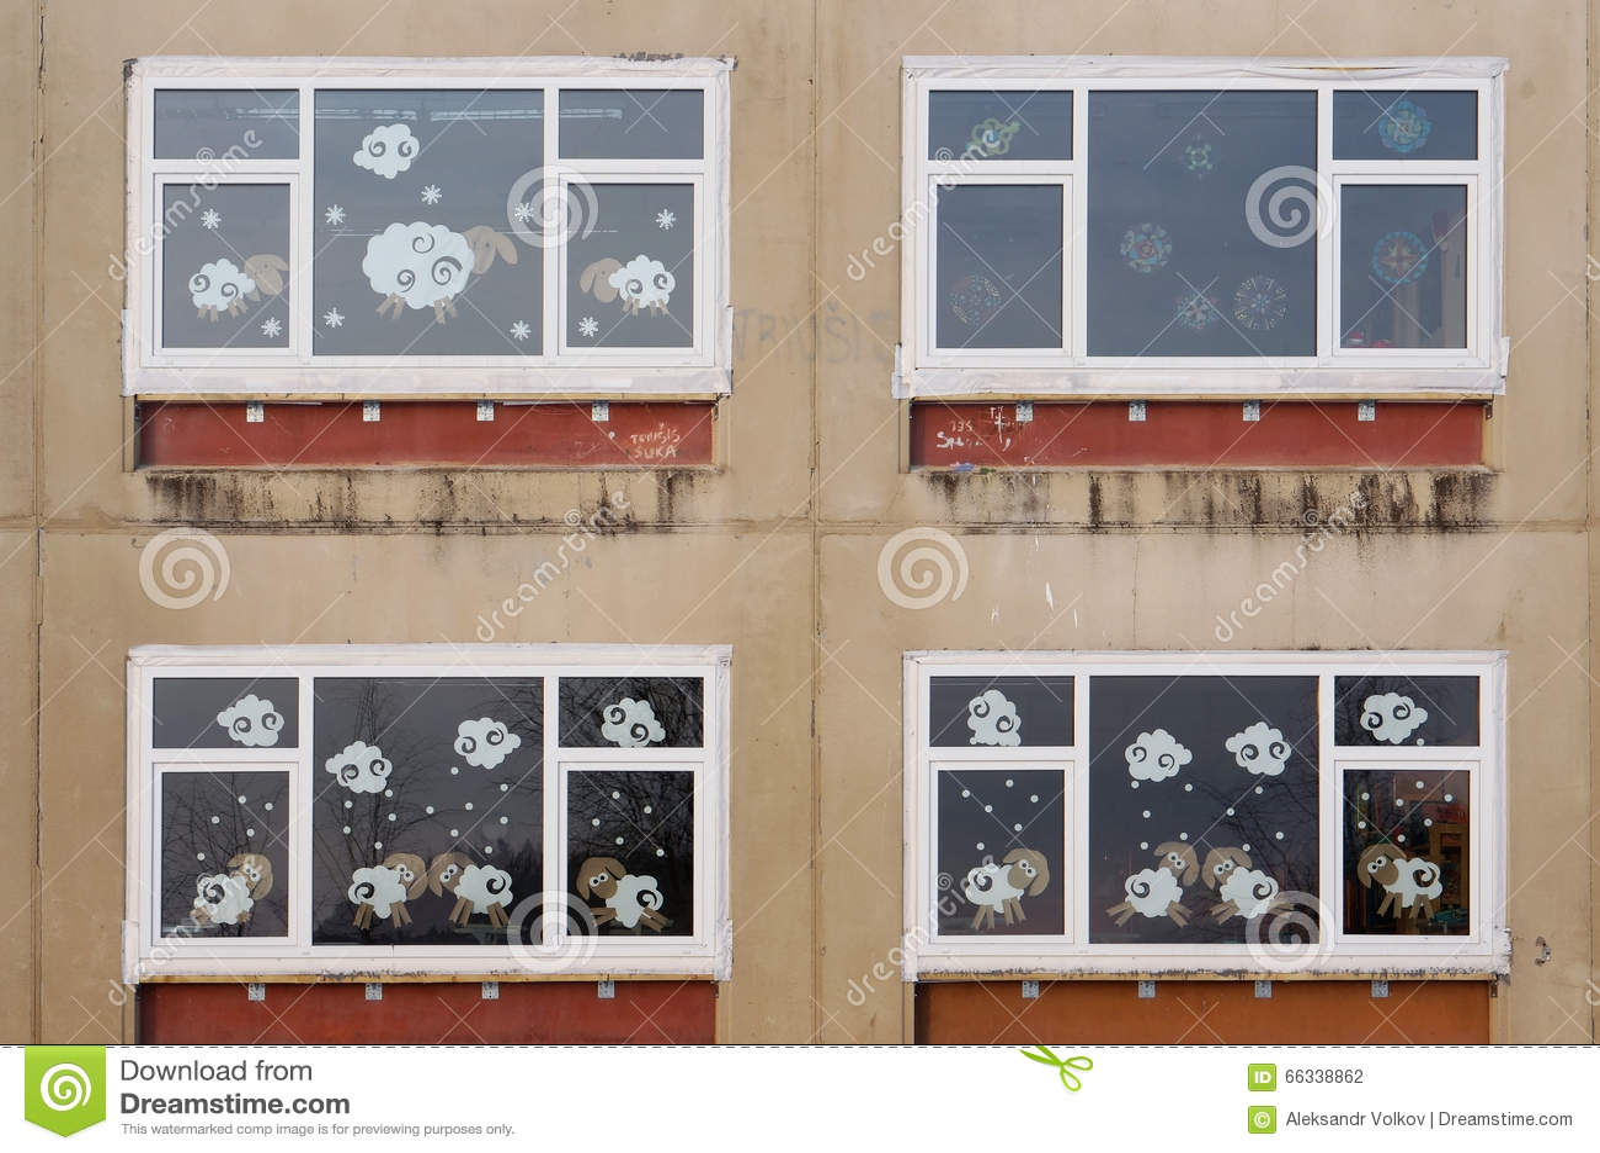 Xmas windows of old village school stock photo image for Addobbi di natale scuola primaria